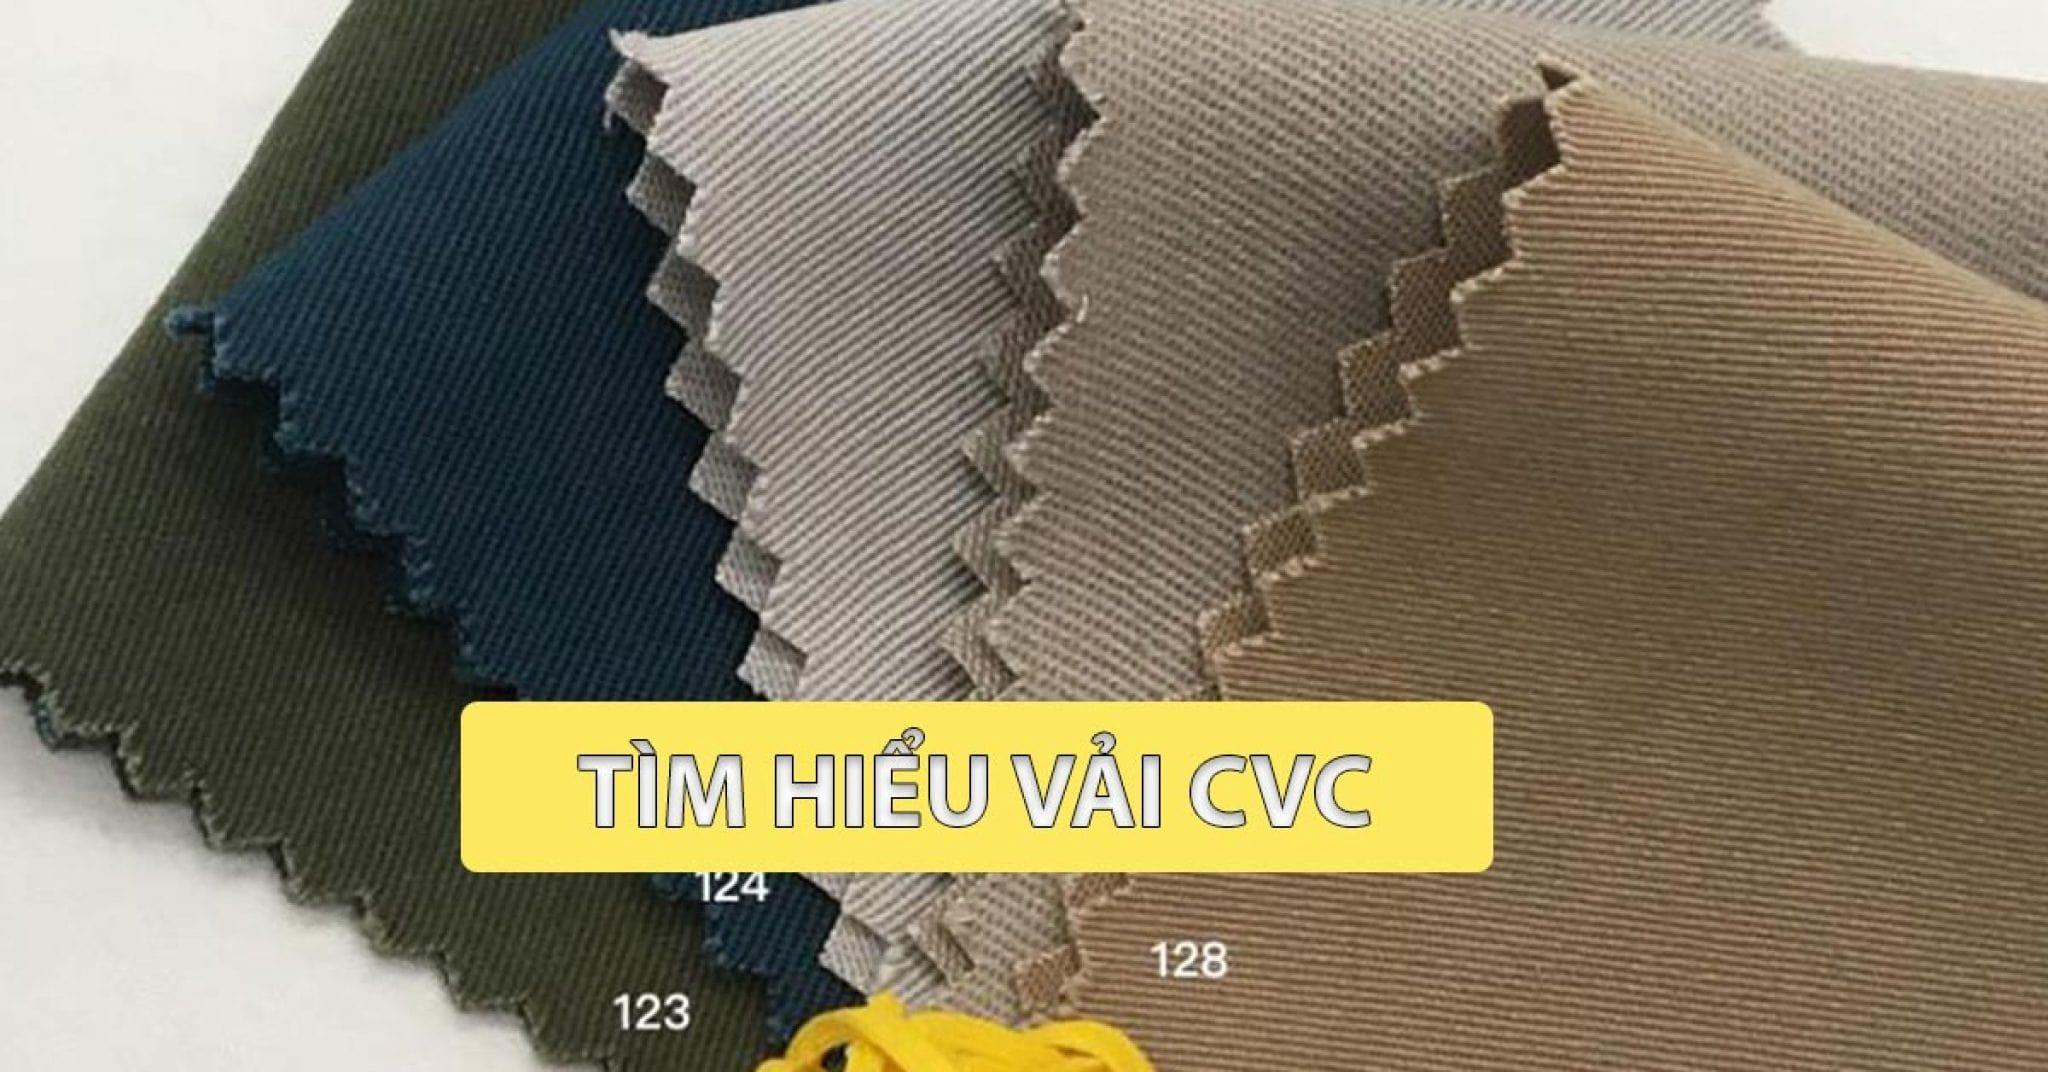 Vải CVC là gì